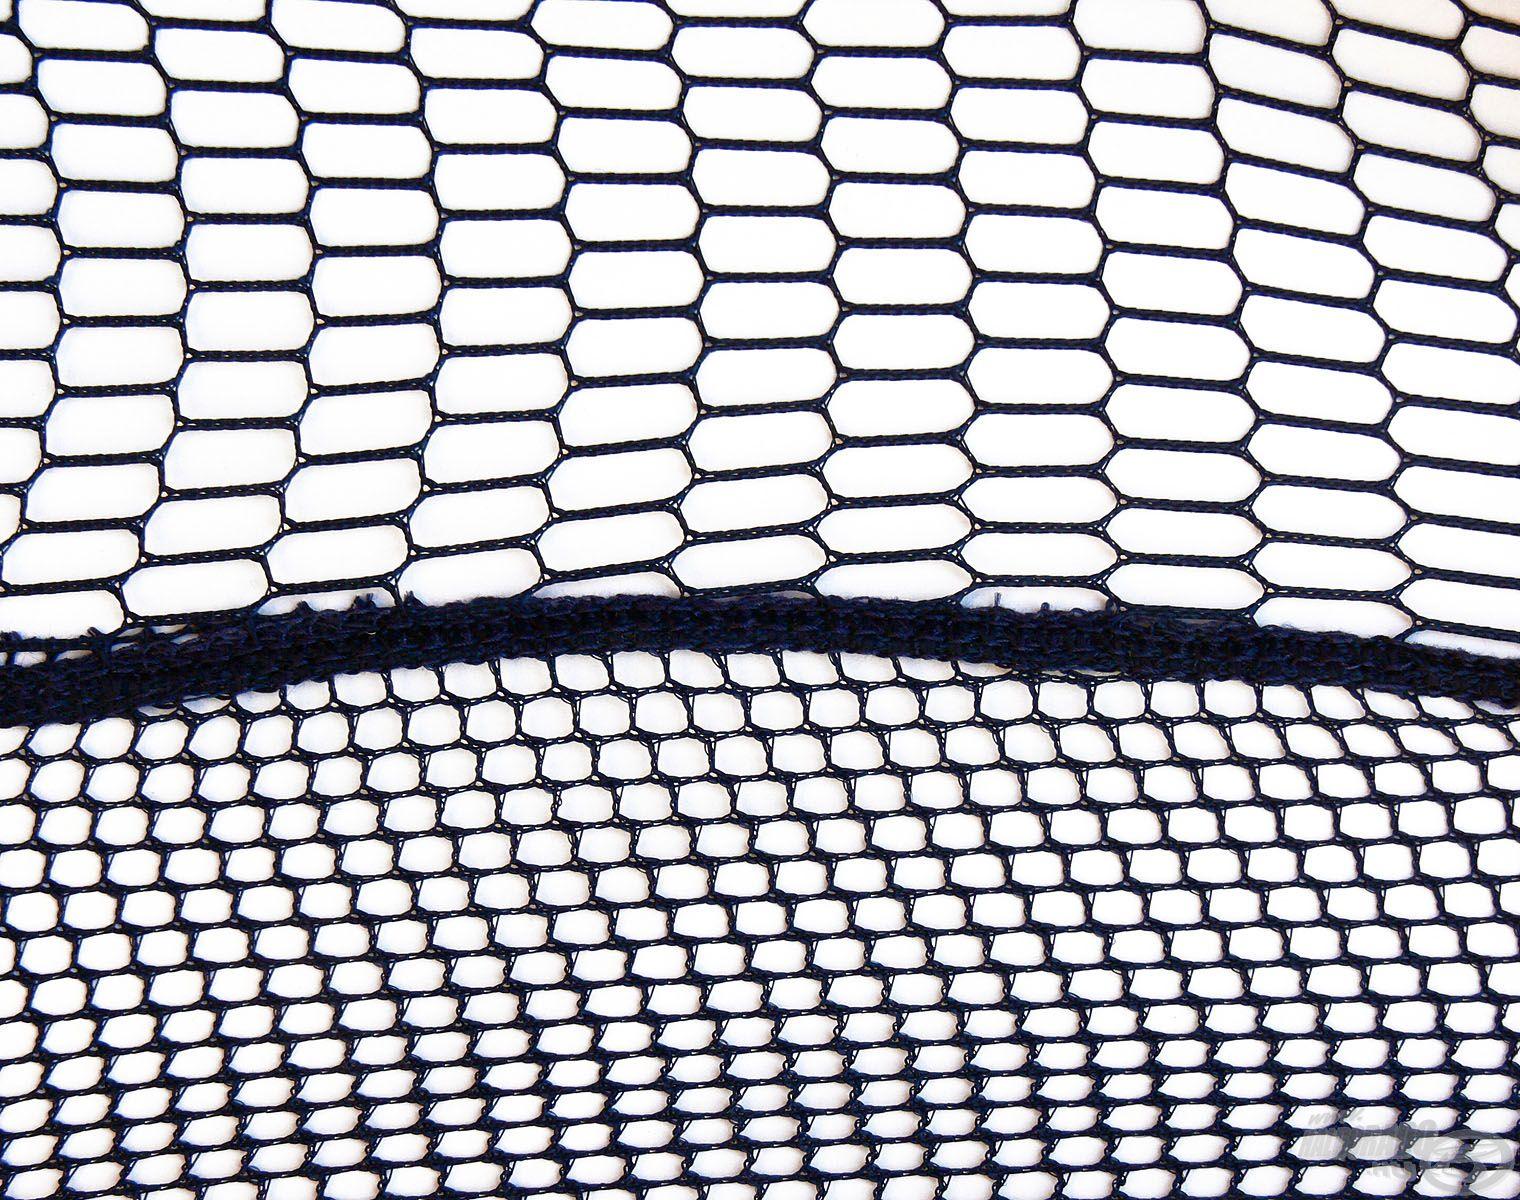 ...ennek megfelelően a háló anyaga nagy teherbírású hálószövet, ami jól bírja a fokozott igénybevételt!Kialakítása oldalt közepes, alul pedig sűrű lyukbőségű